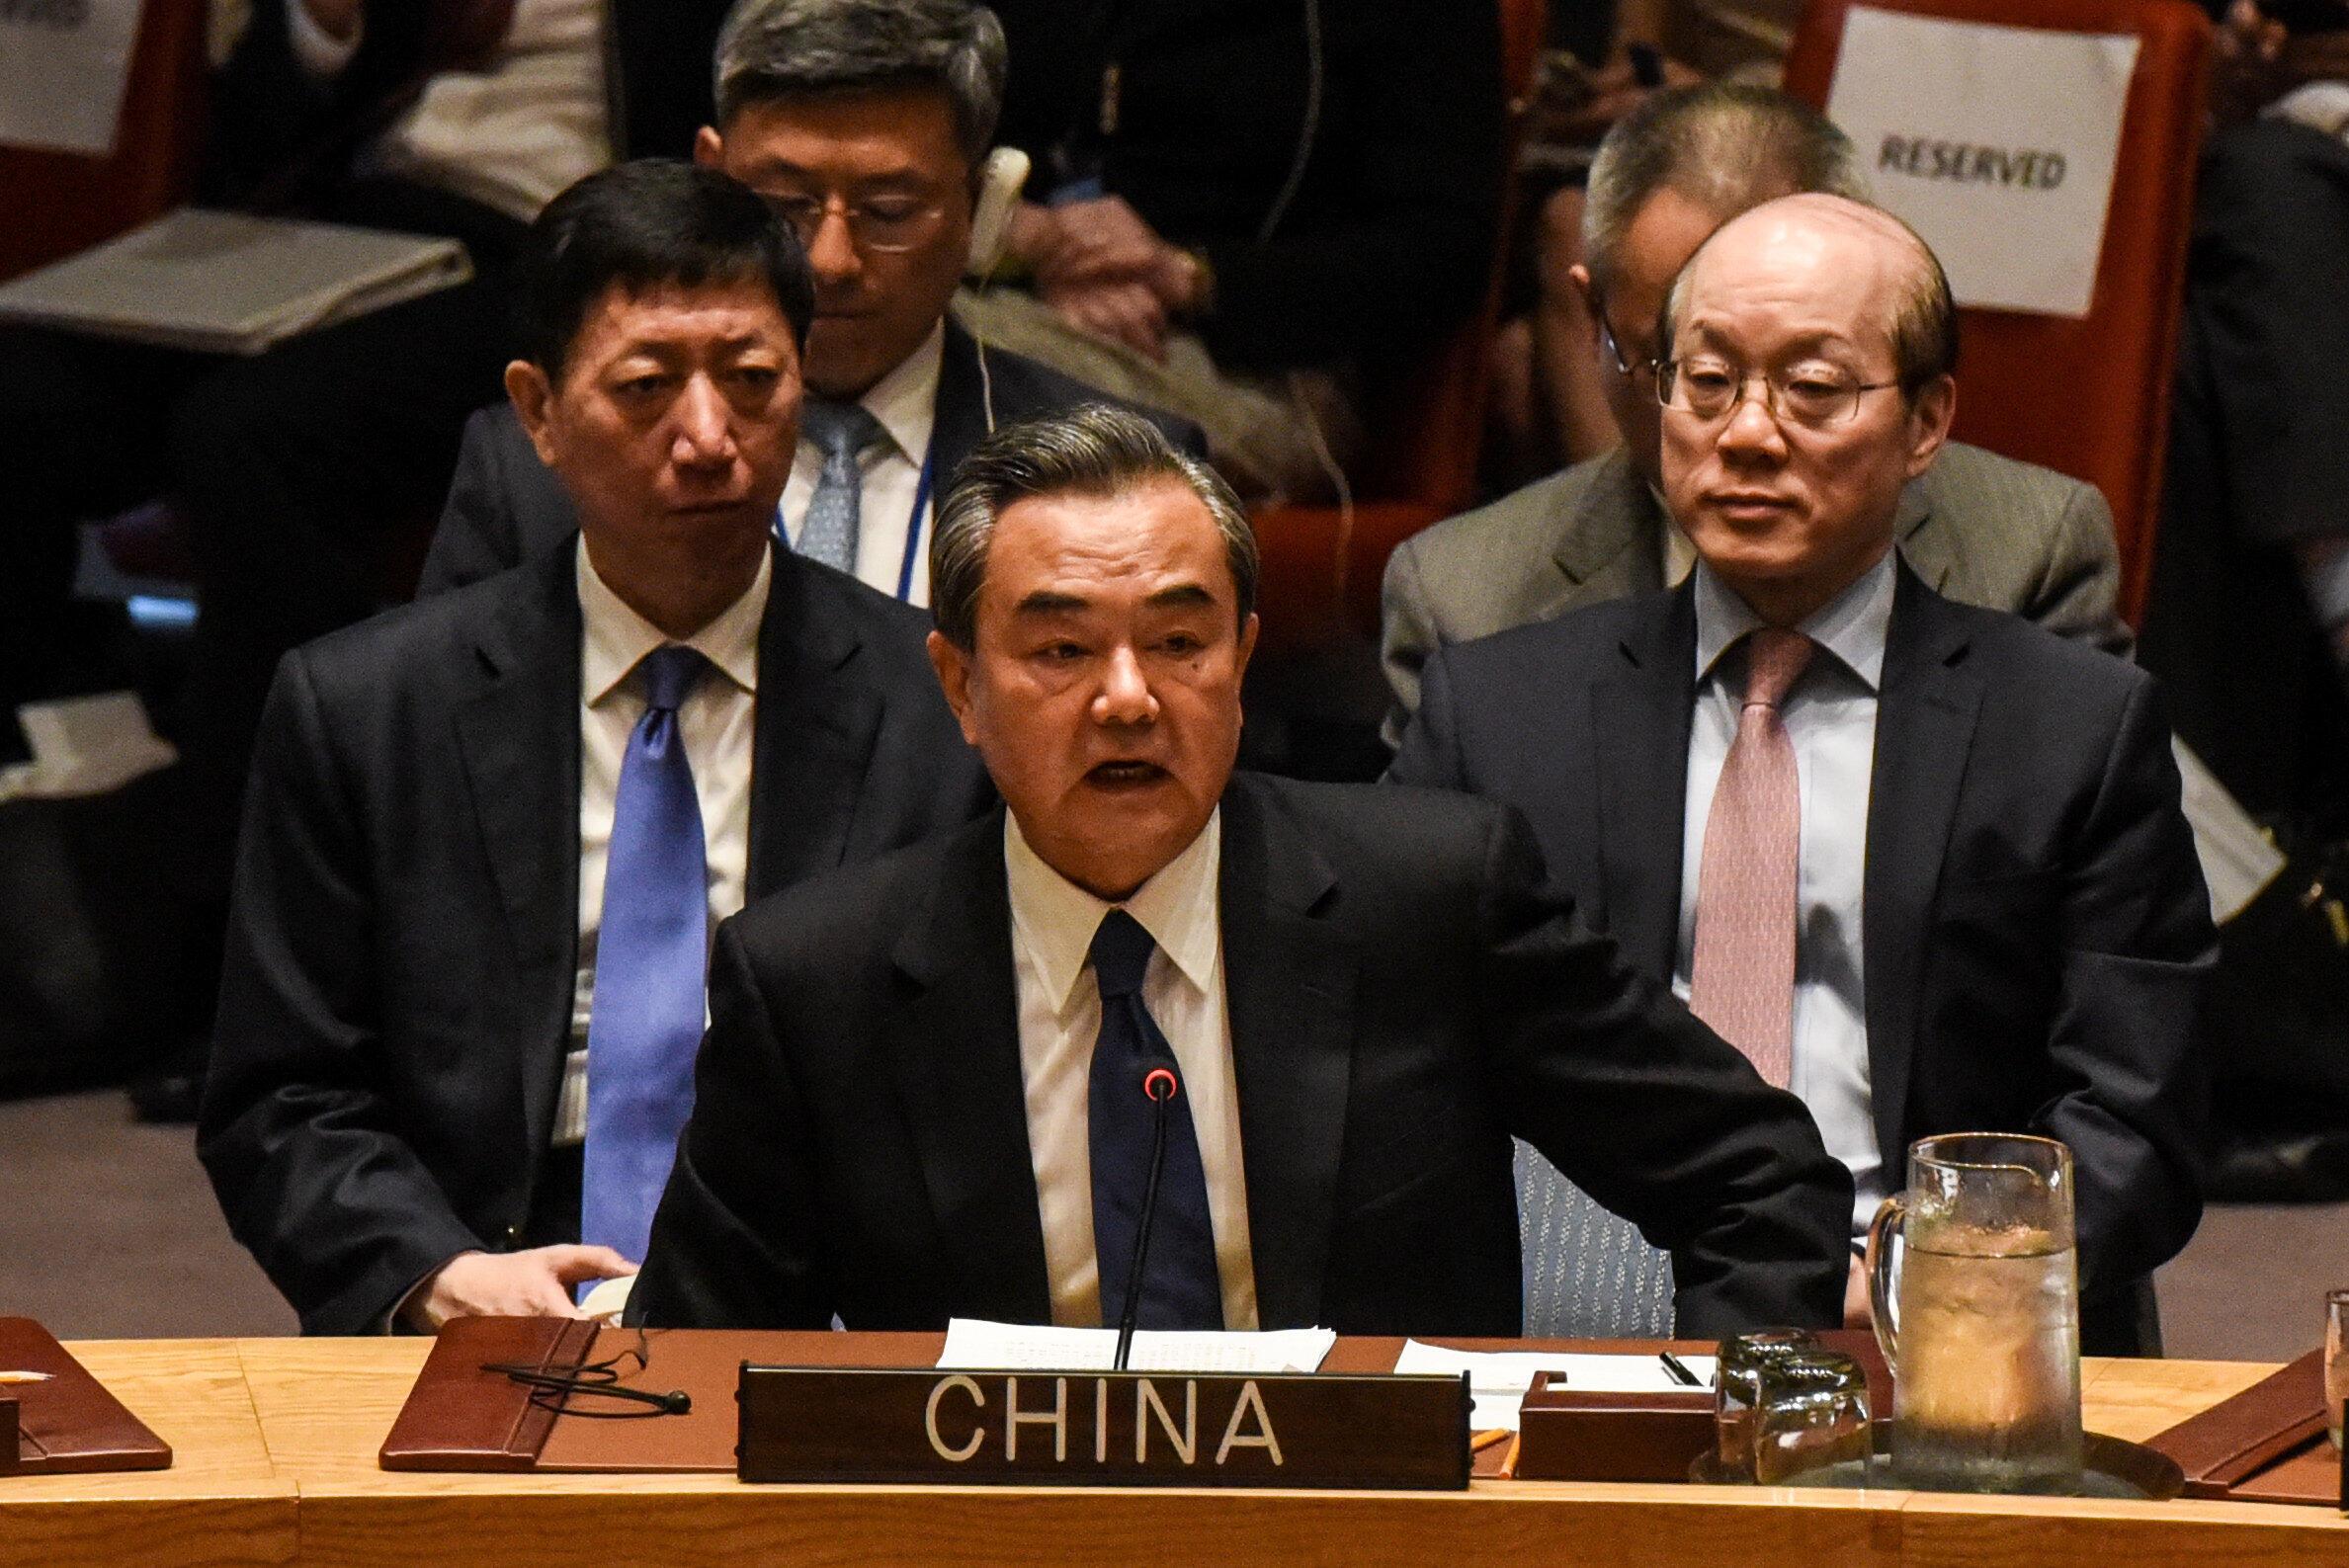 Ngoại trưởng Trung Quốc Vương Nghị (Wang Yi) phát biểu tại Hội Đồng Bảo An Liên Hiệp Quốc về hồ sơ Bắc Triều Tiên ngày 28/04/2017.